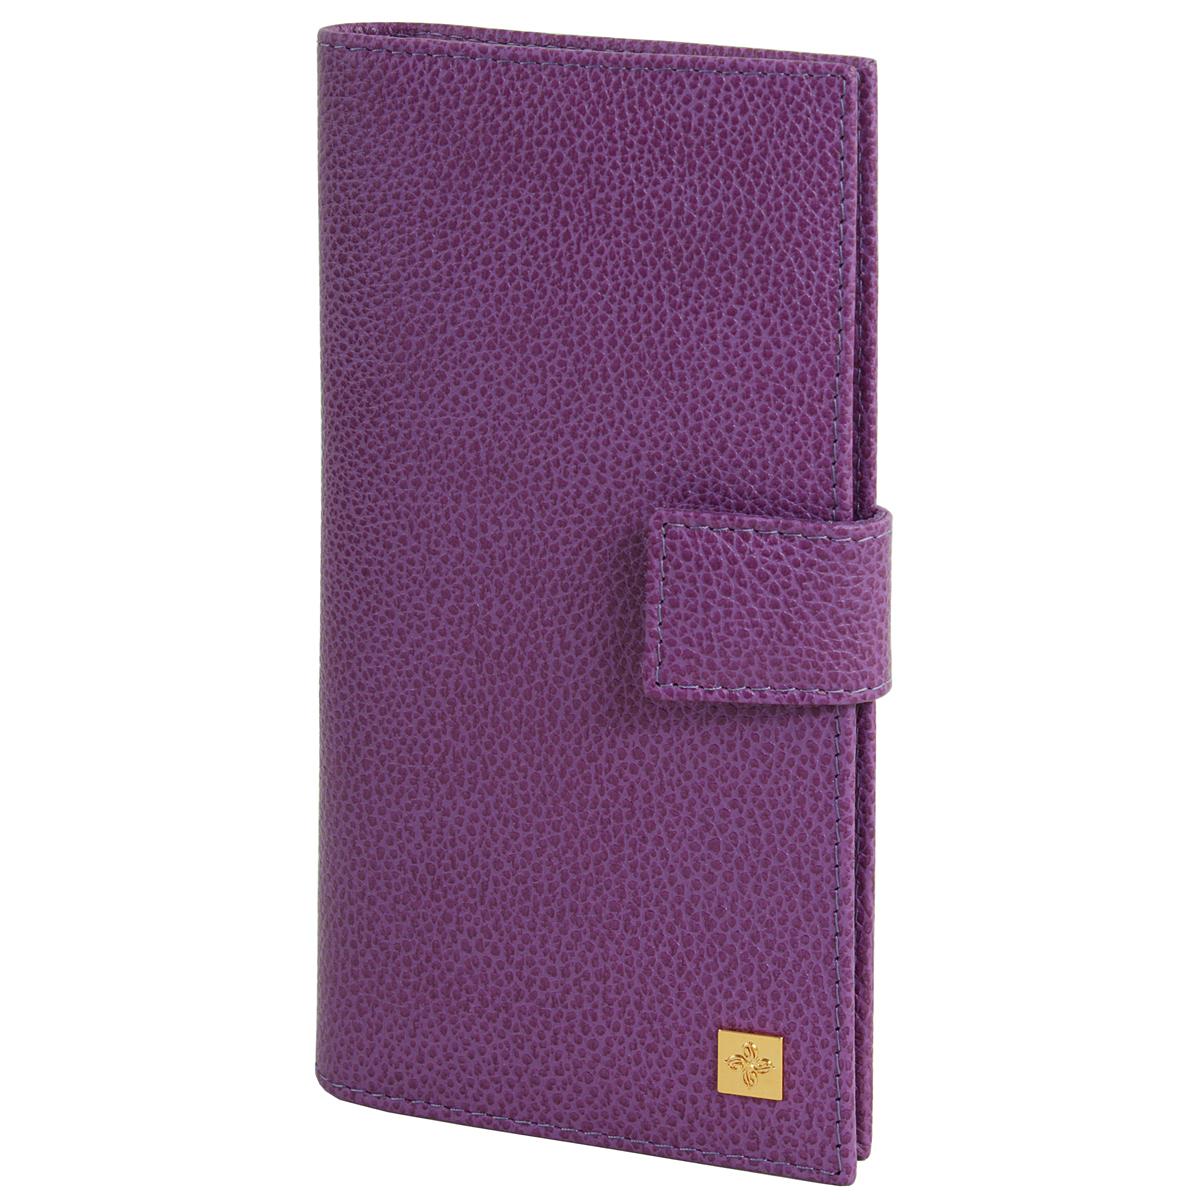 Портмоне женское Optima Dimanche Purpur, цвет: пурпурный. 107BM8434-58AEСтильное женское портмоне Optima выполнено из высококачественной натуральной кожи с тиснением. Портмоне закрывается при помощи хлястика на кнопку. Внутри - четыре отделения для купюр, одиннадцать кармашков для визиток, карман на молнии для монет и два кармашка для sim-карт. Портмоне упаковано в фирменную картонную коробку. Характеристики:Материал: натуральная кожа, текстиль, металл. Размер портмоне: 18,5 см х 8,5 см х 3 см. Цвет: пурпурный.